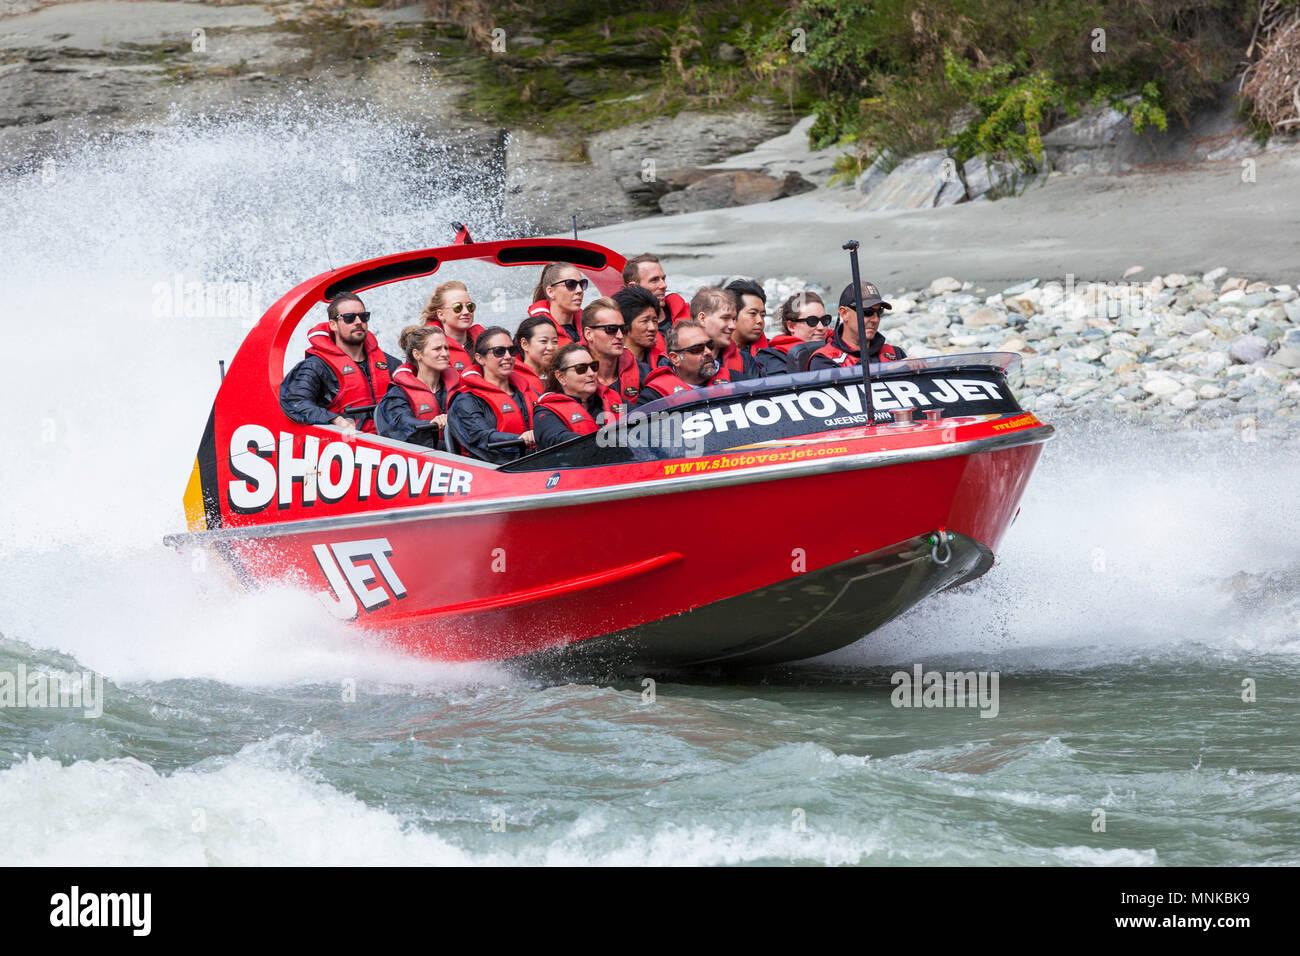 Jet shotover bateau sur la Shotover River près de personnes de Queenstown Nouvelle-Zélande Nouvelle-Zélande Queenstown Nouvelle-Zélande Île du Sud nz Photo Stock